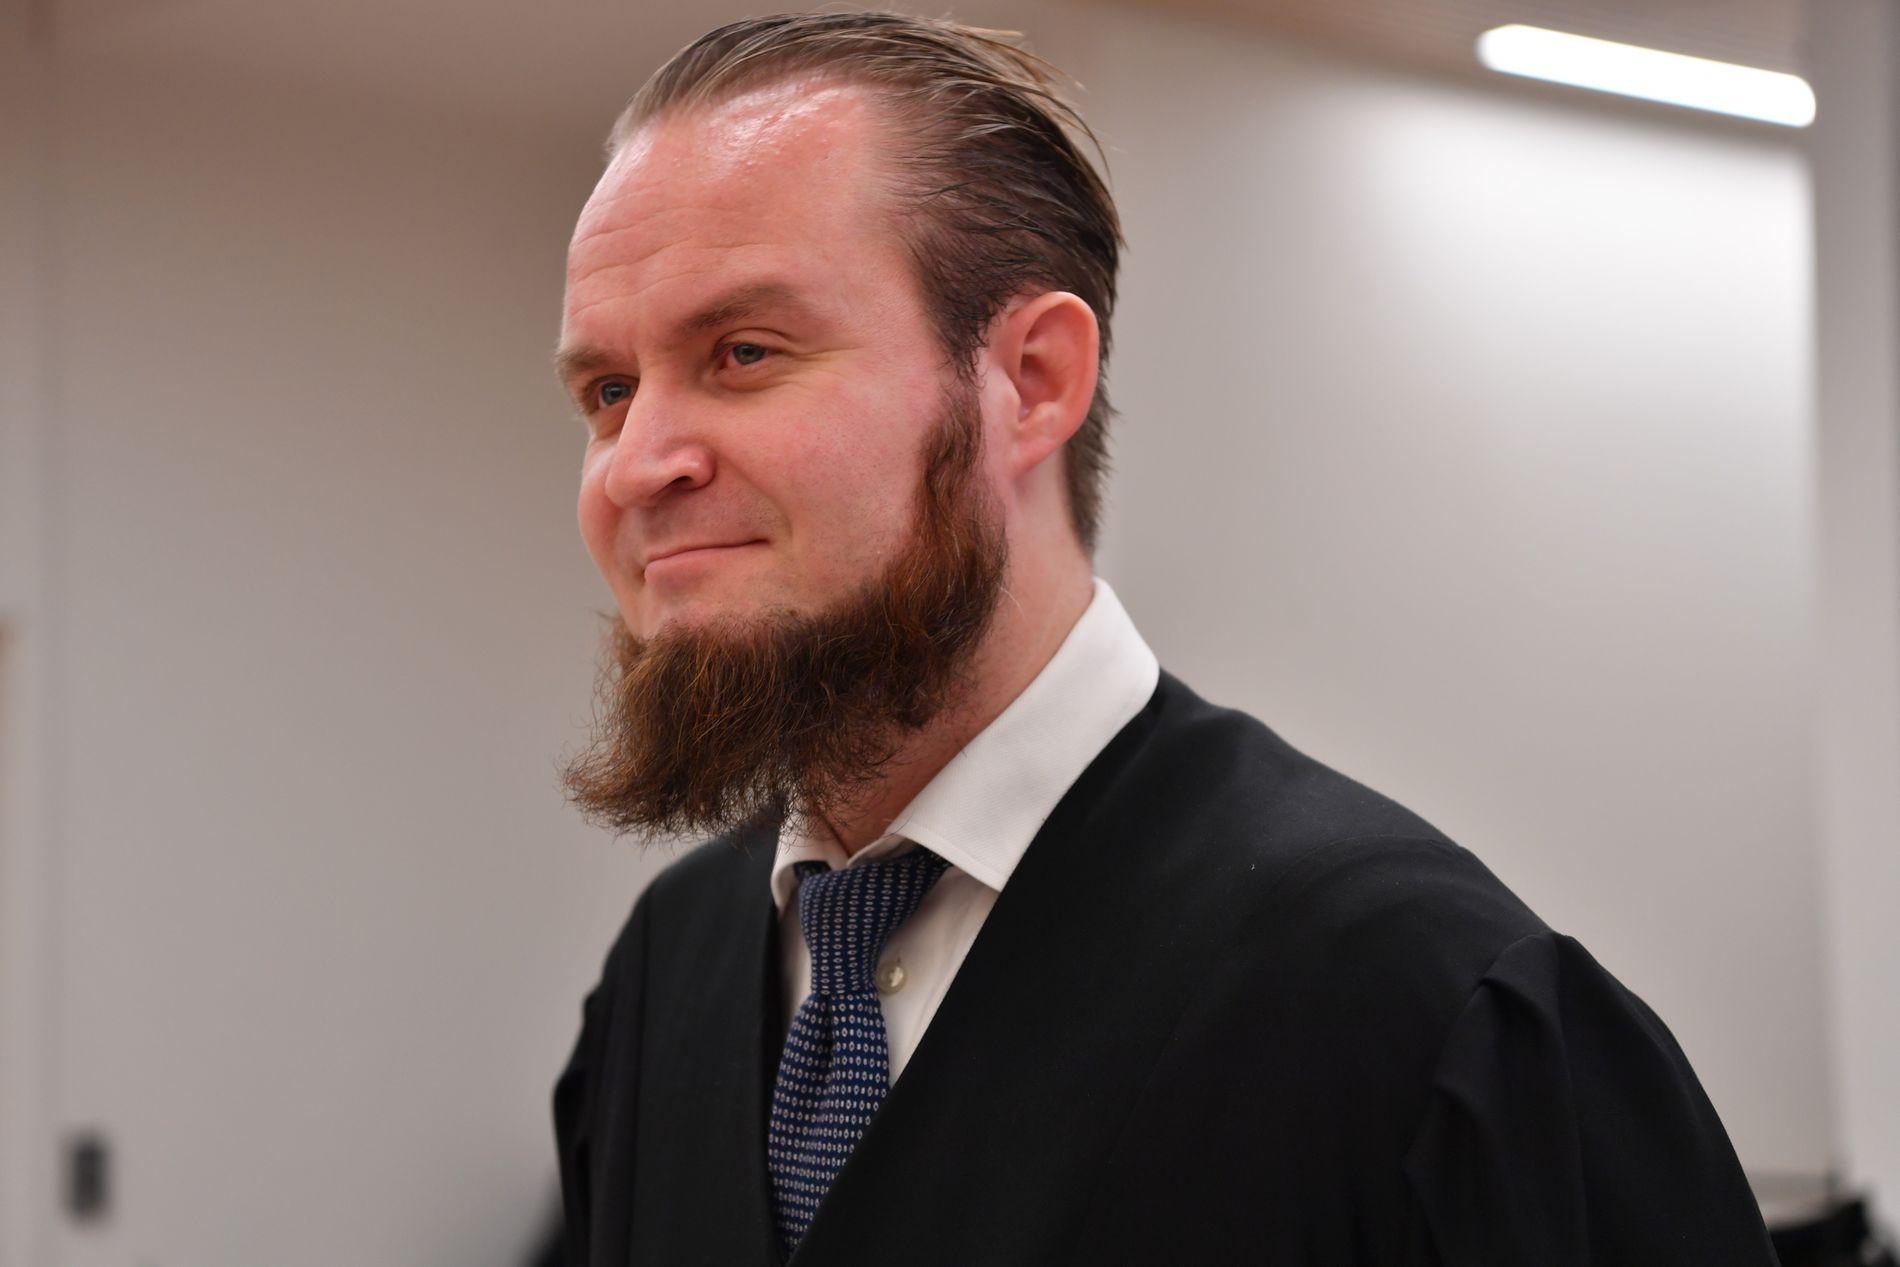 ADVOKAT: Nils Christian Nordhus har tidligere representert flere hjemvendte IS-krigere i rettssaker i Norge.